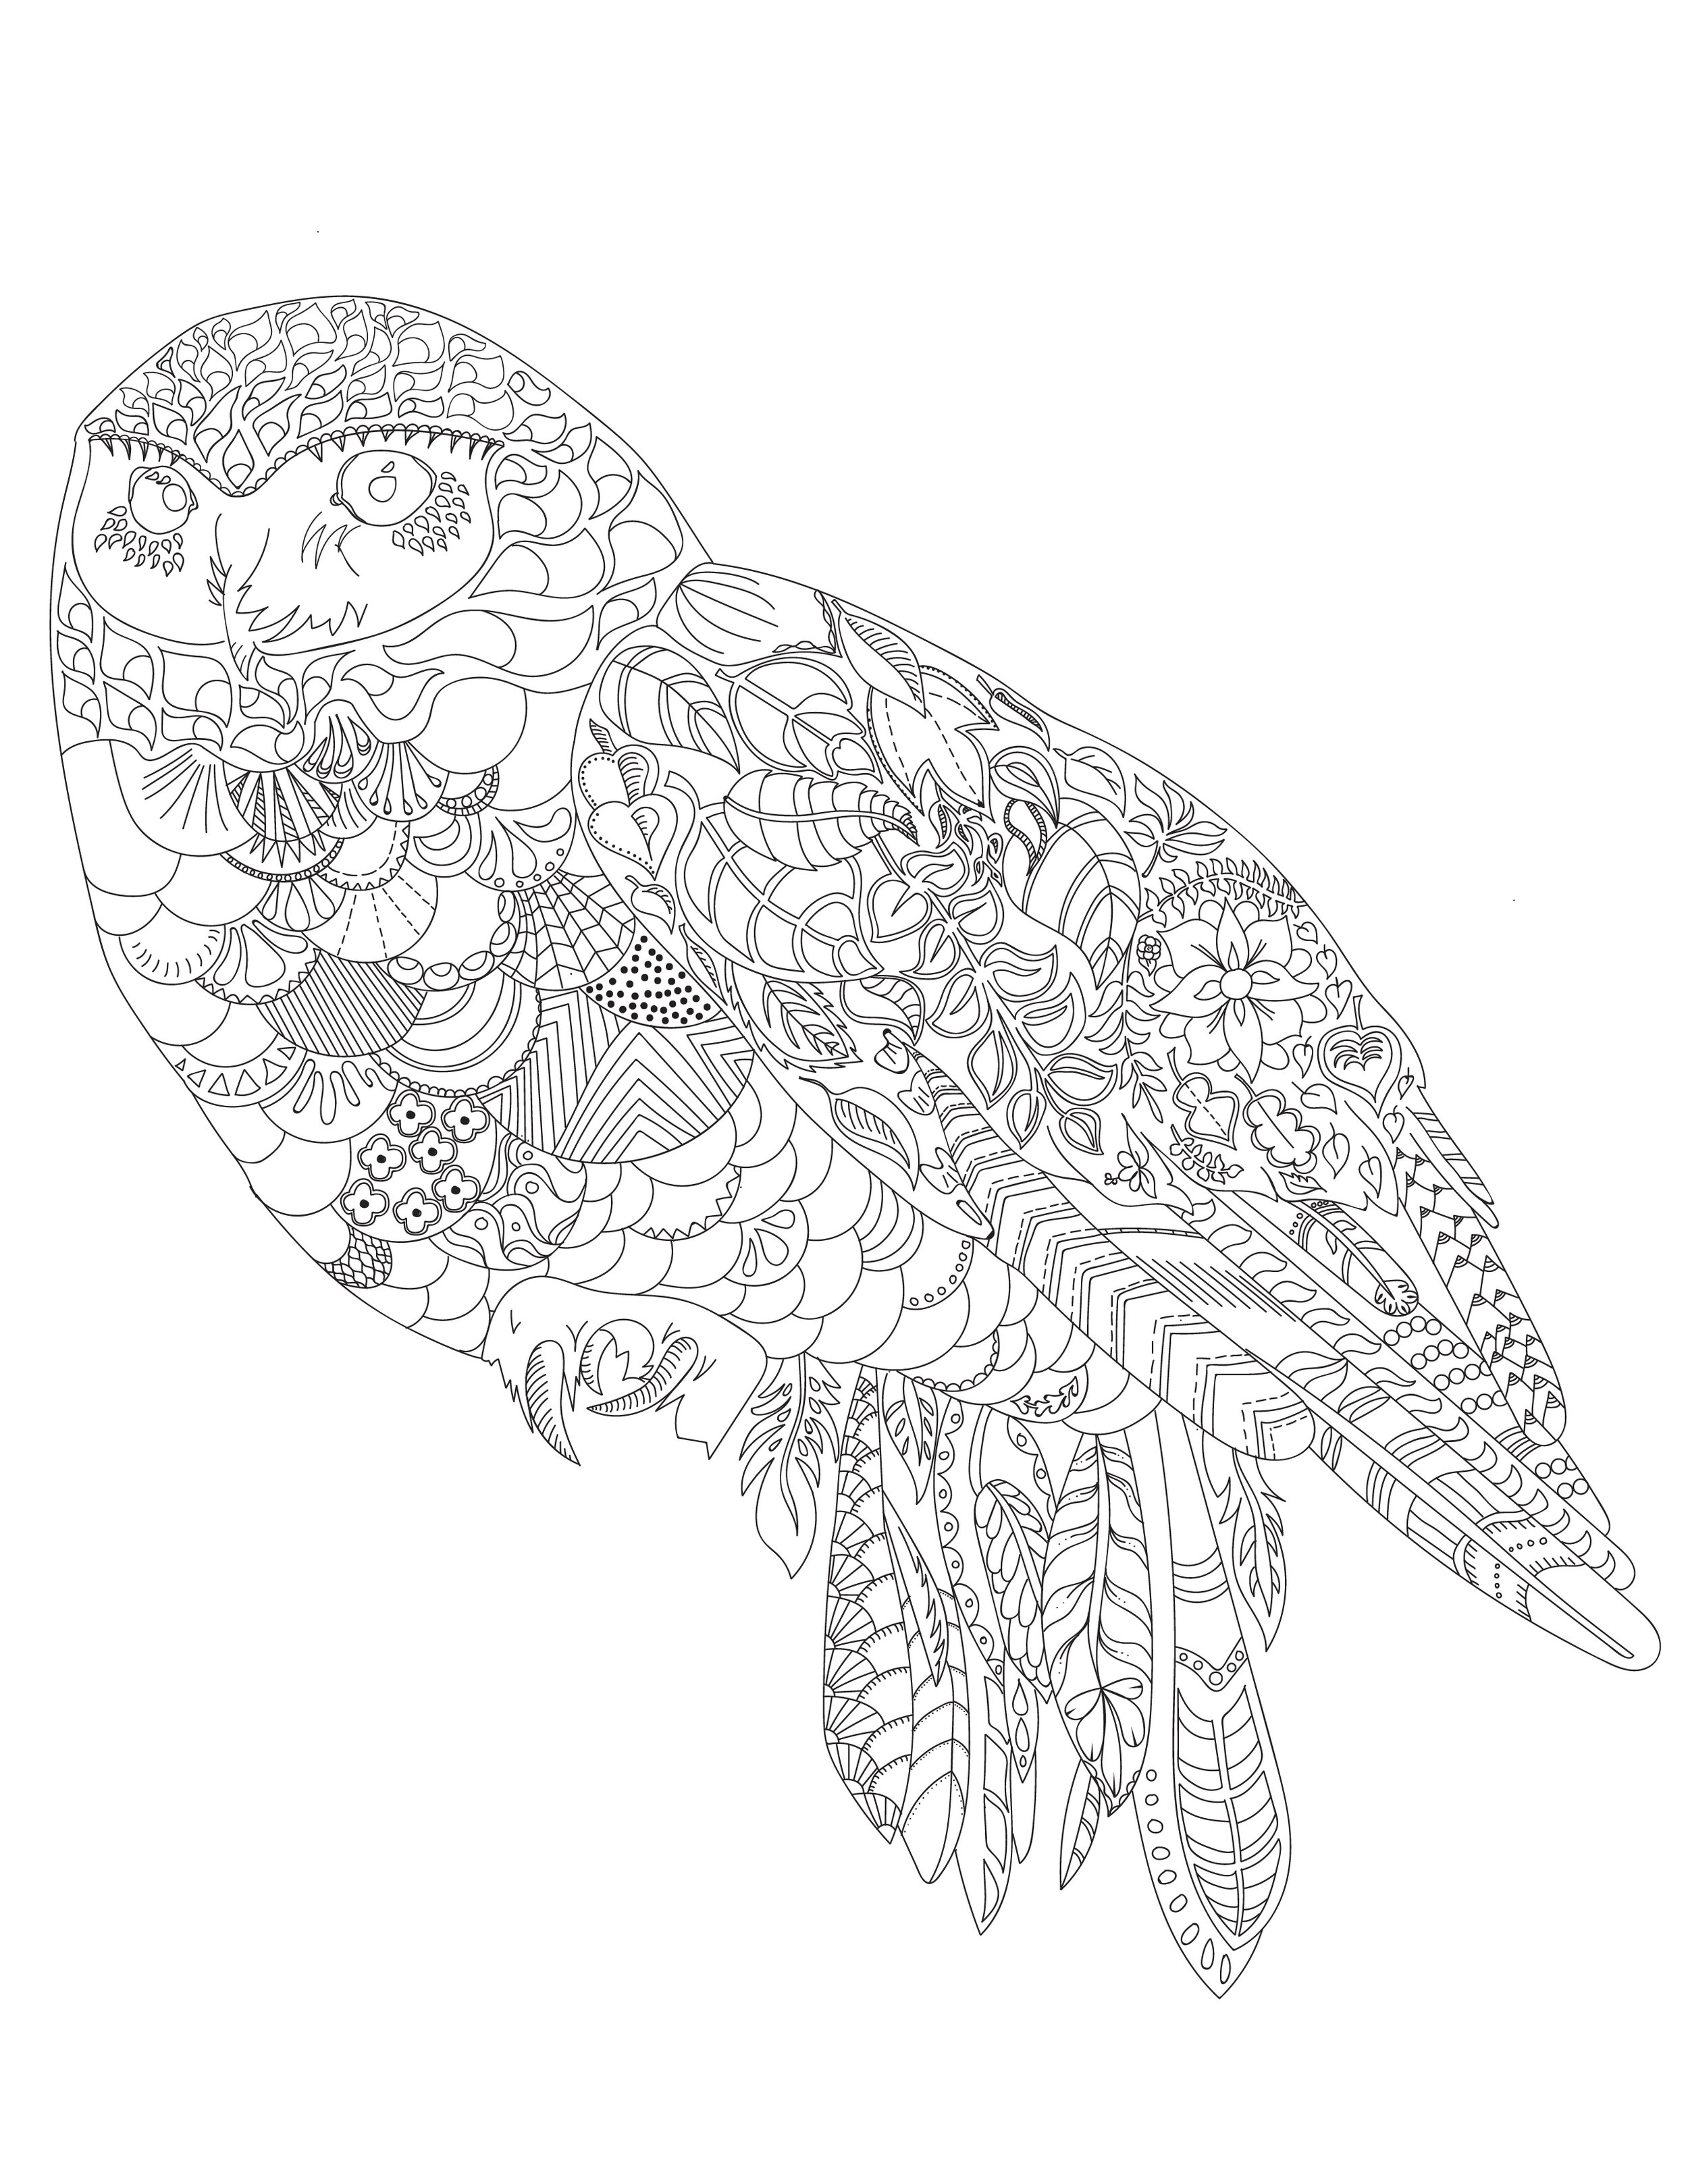 Colouring Sheet-Owl-04.jpg